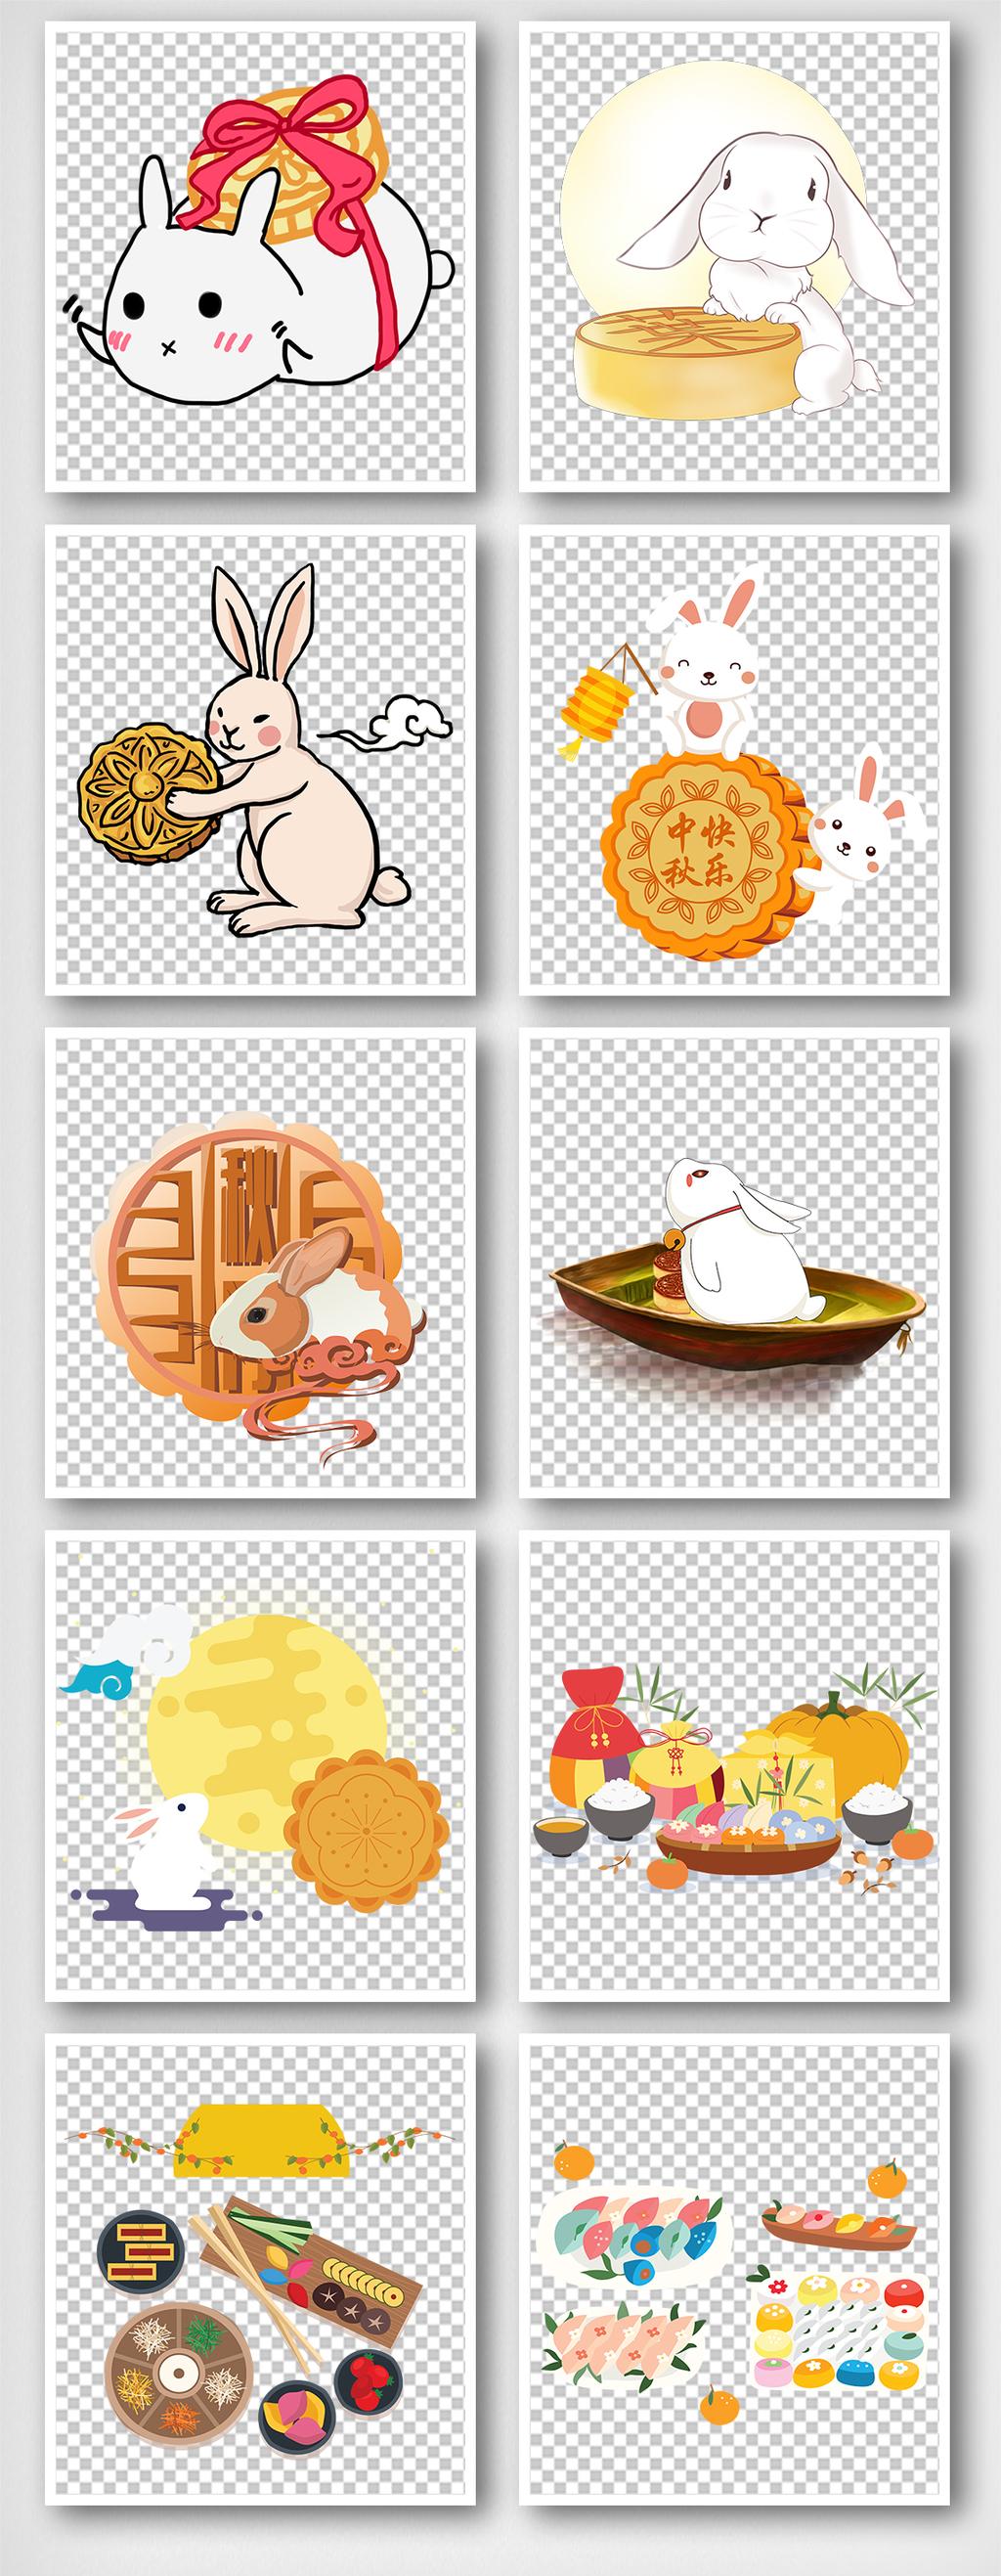 中秋节可爱卡通玉兔吃月饼插画元素